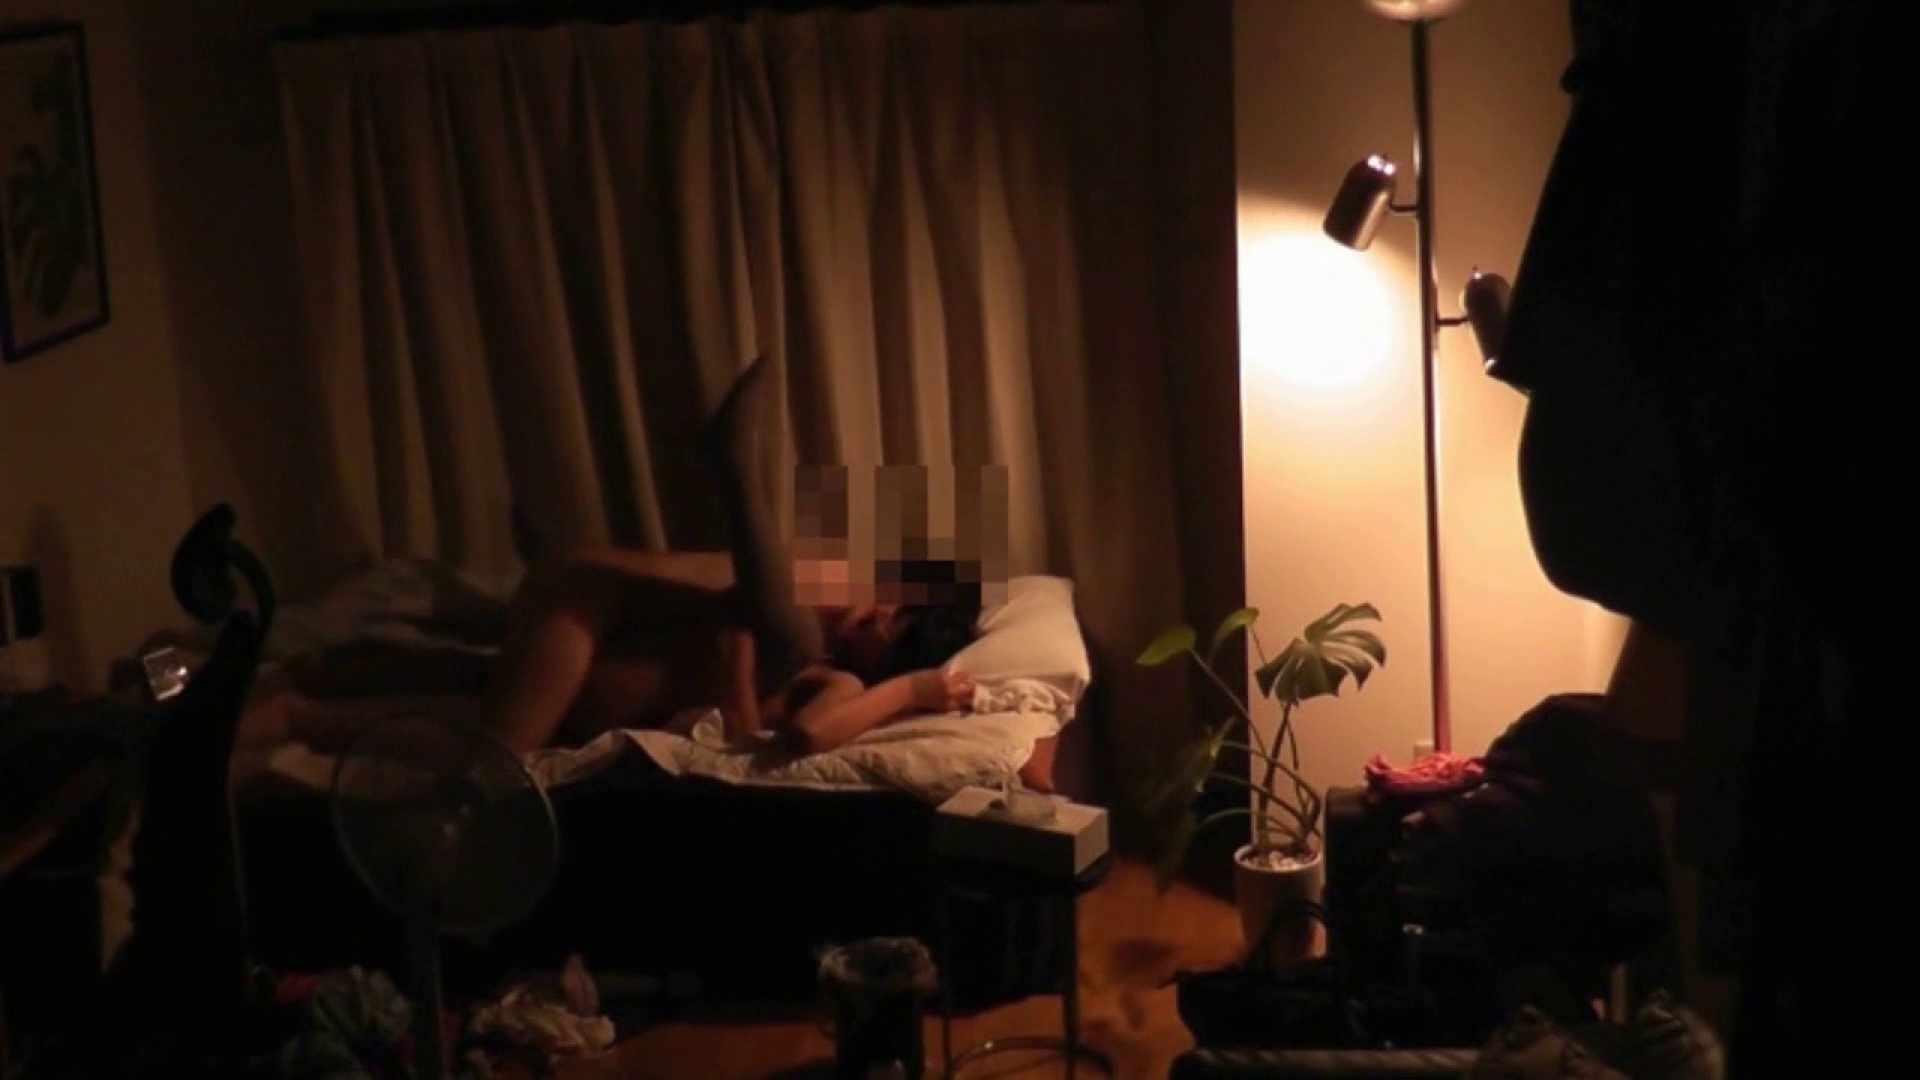 美女だらけのプライベートSEXvol.1 OLの裸事情 オマンコ無修正動画無料 107枚 62